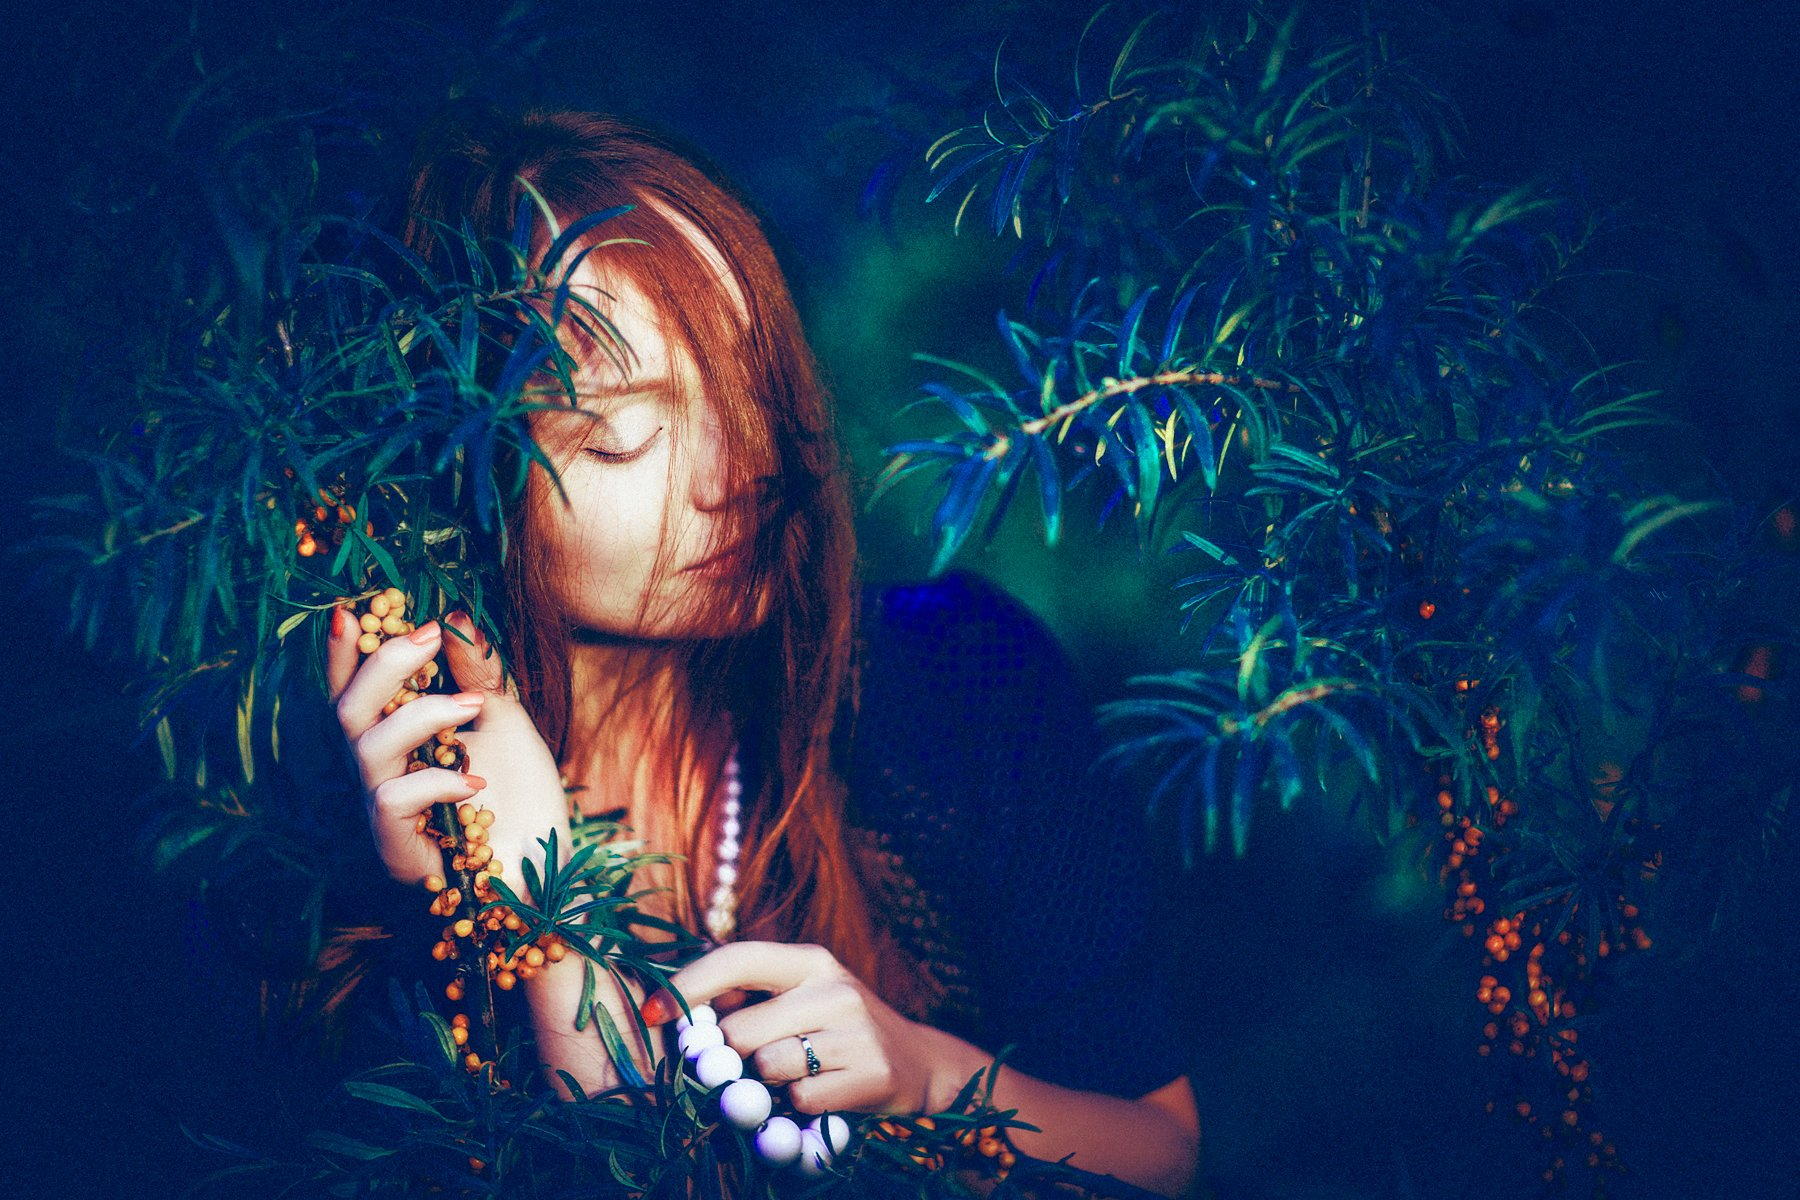 woman, portrait, redhead, beauty, berries, Руслан Болгов (Axe)